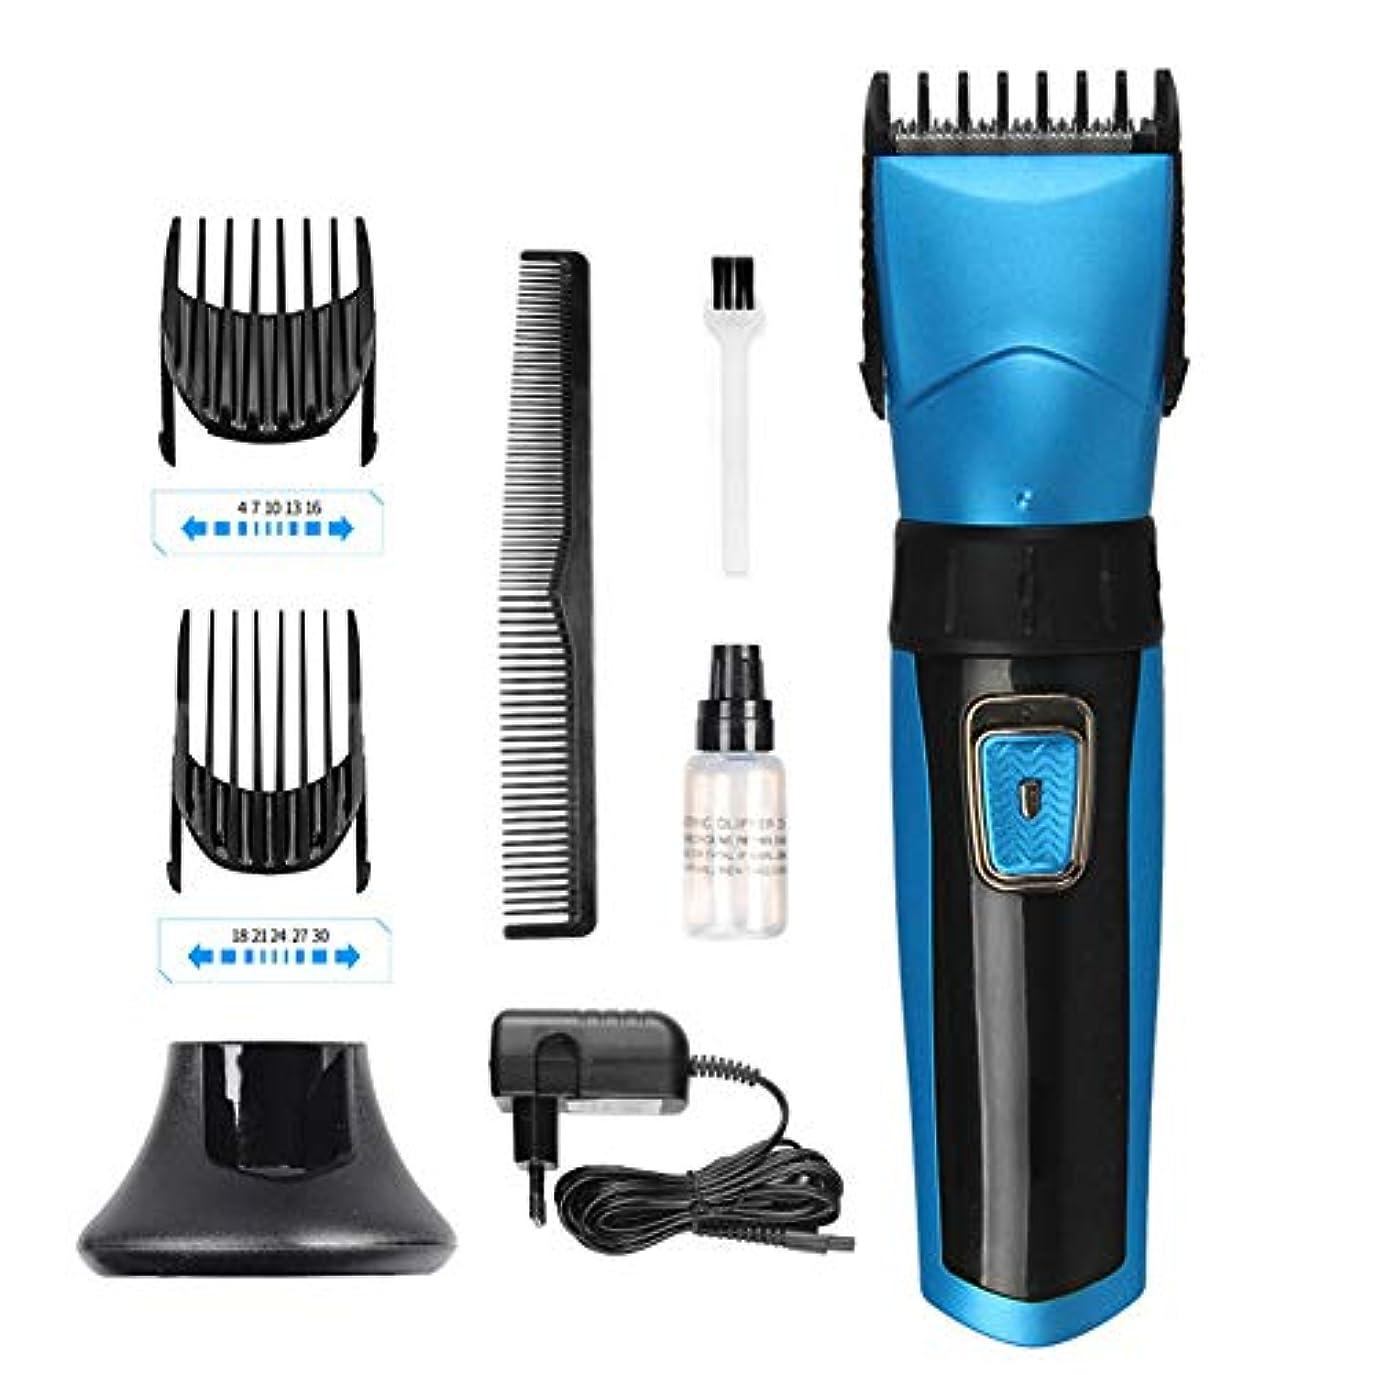 有用思春期のに渡ってバリカン男性の電気カッターの毛の打抜き機のための専門のクリッパーの毛のトリマーのひげ